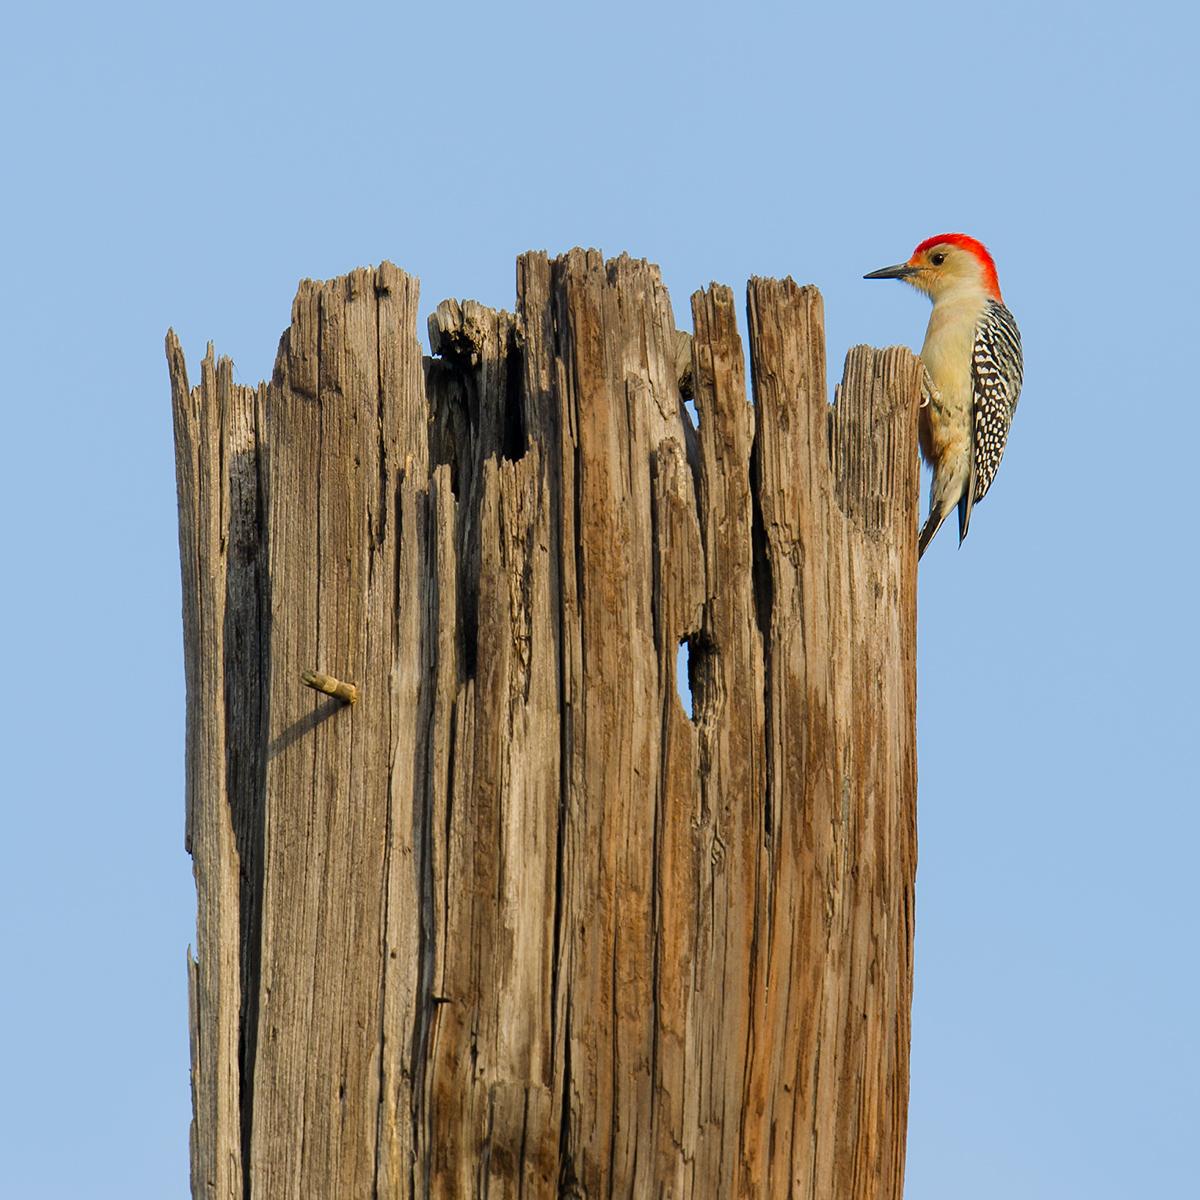 Red-bellied Woodpecker, 27 Jan.